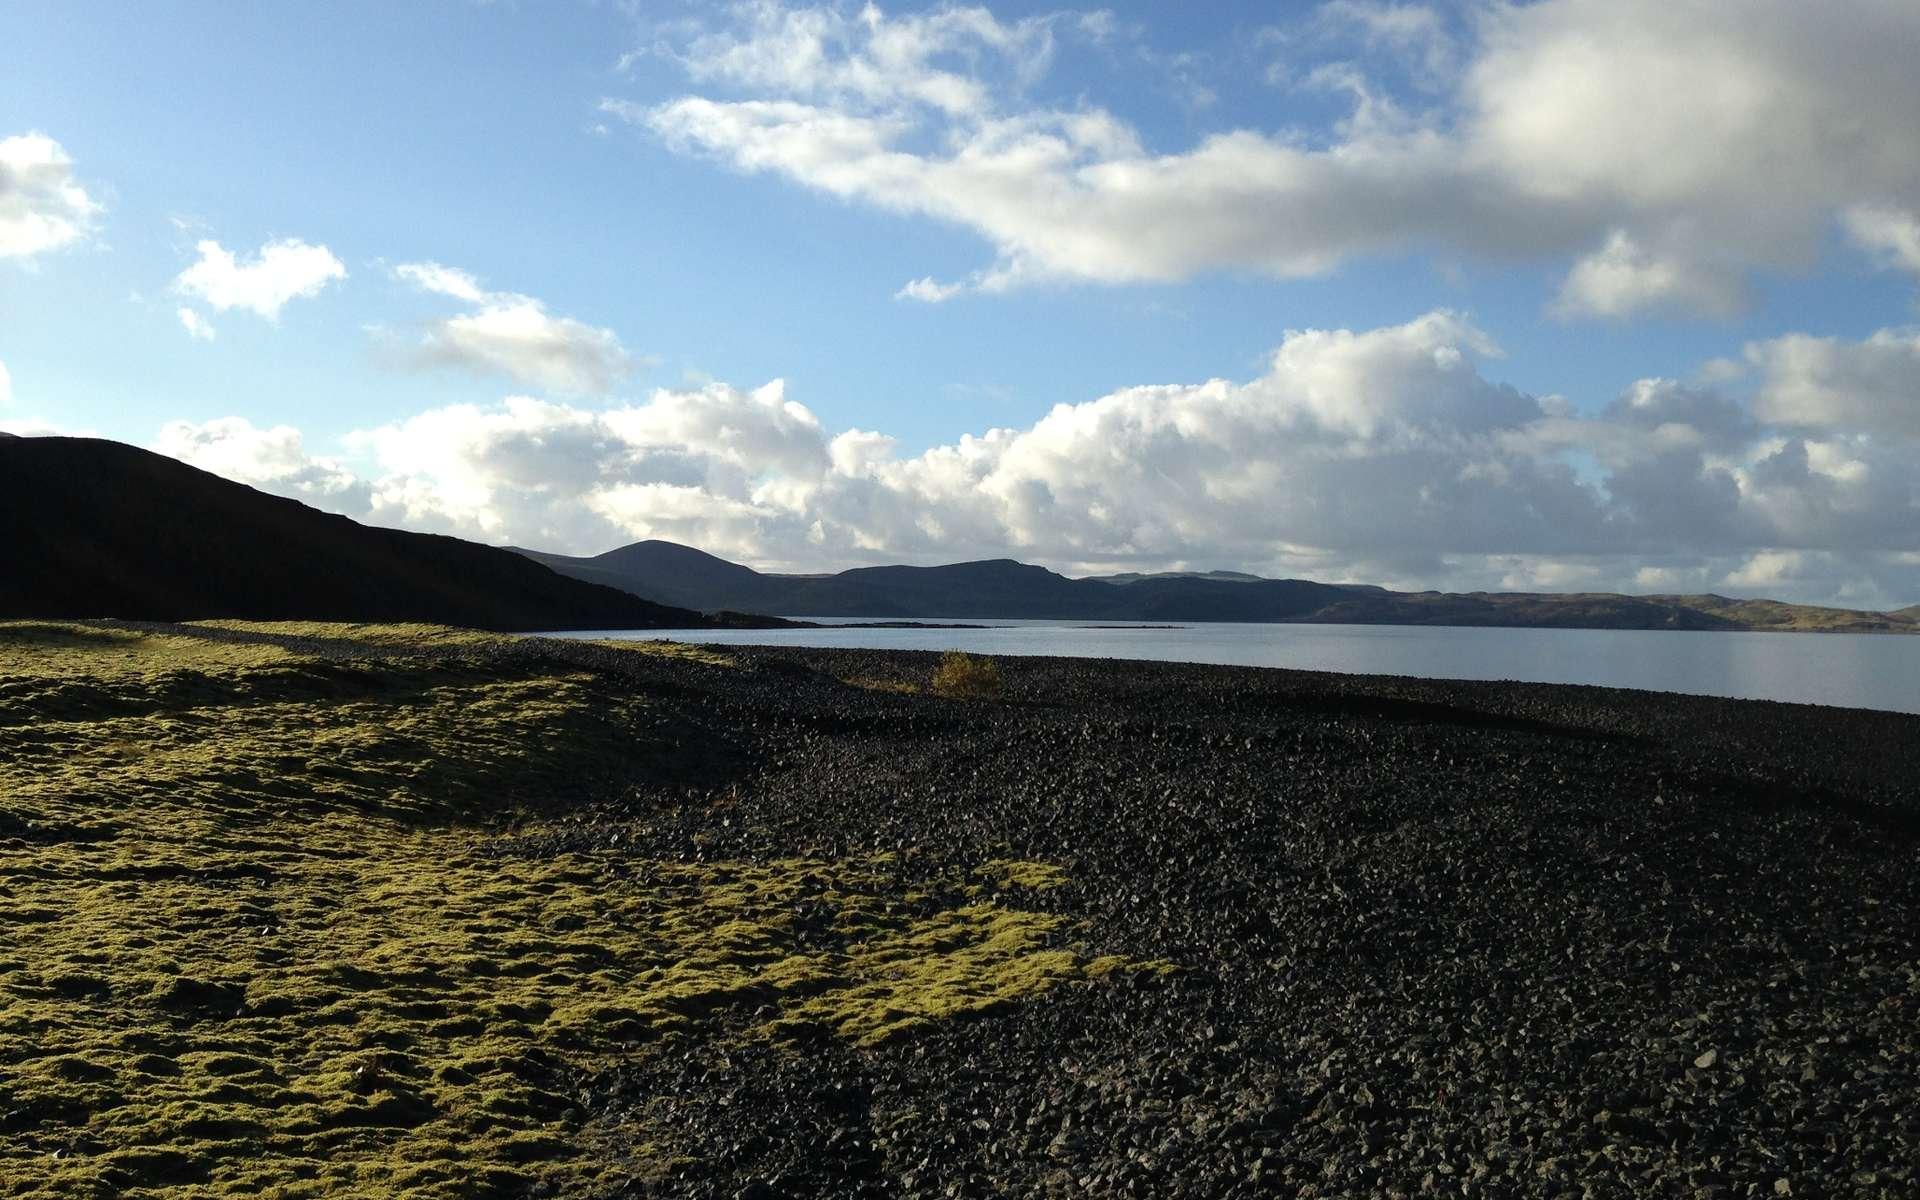 Un paysage d'Islande avec des mousses en bordure d'un rivage. Il donne une idée de l'aspect de la Terre quand les plantes ont commencé à coloniser les continents. © Ria Mitchell, cc by sa 4.0